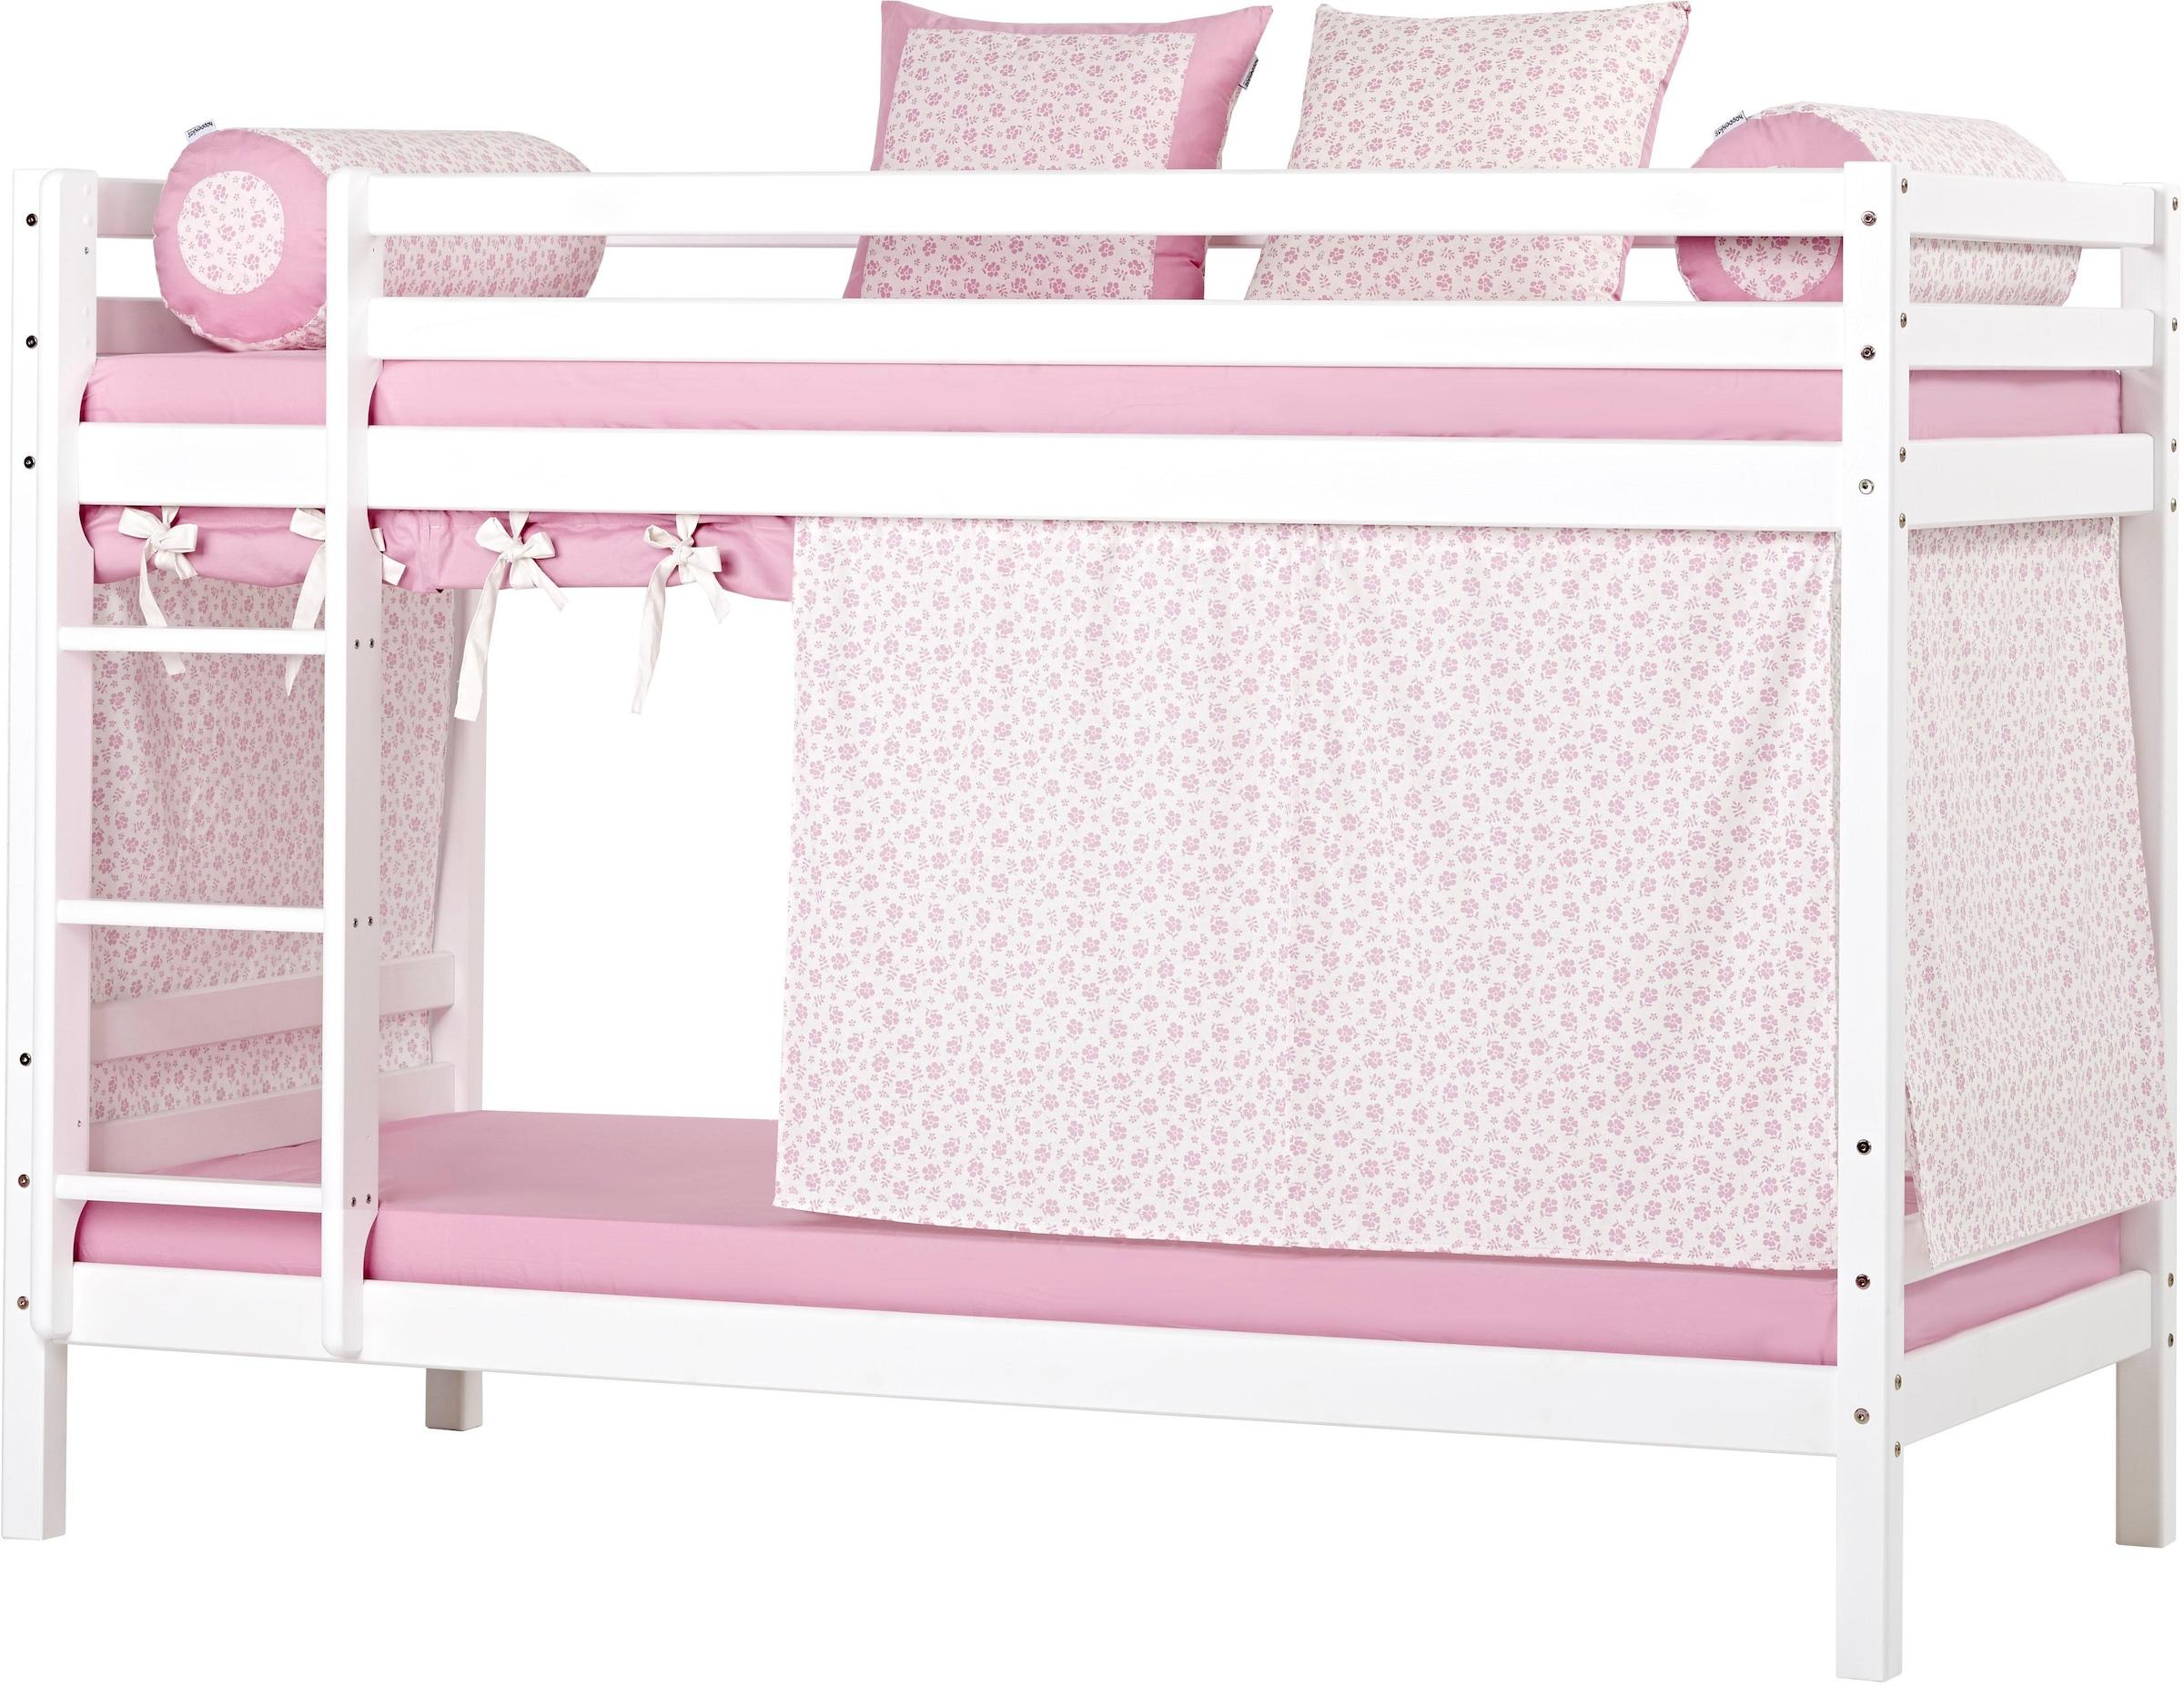 Etagenbett Idealo : White mdf etagenbetten online kaufen möbel suchmaschine